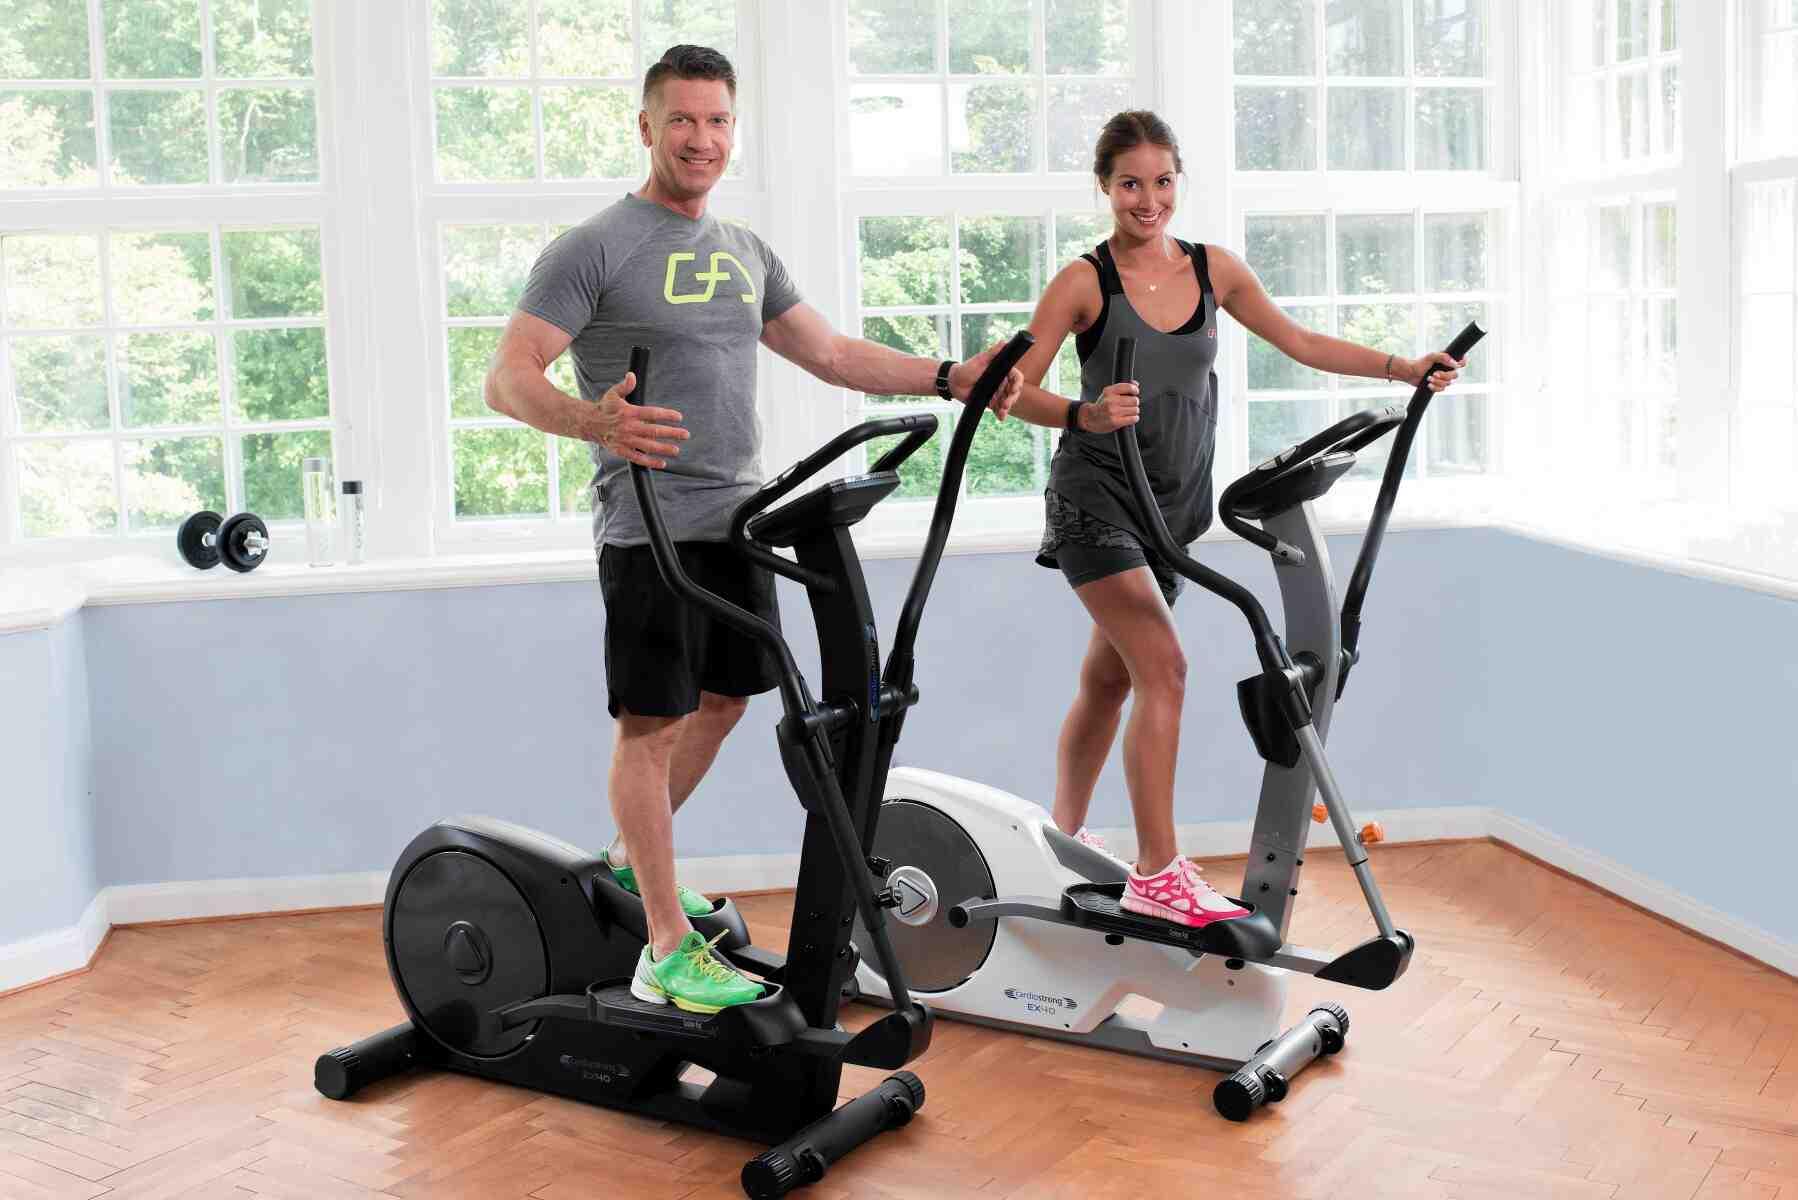 L'exercice physique vous fait-il perdre l'estomac?